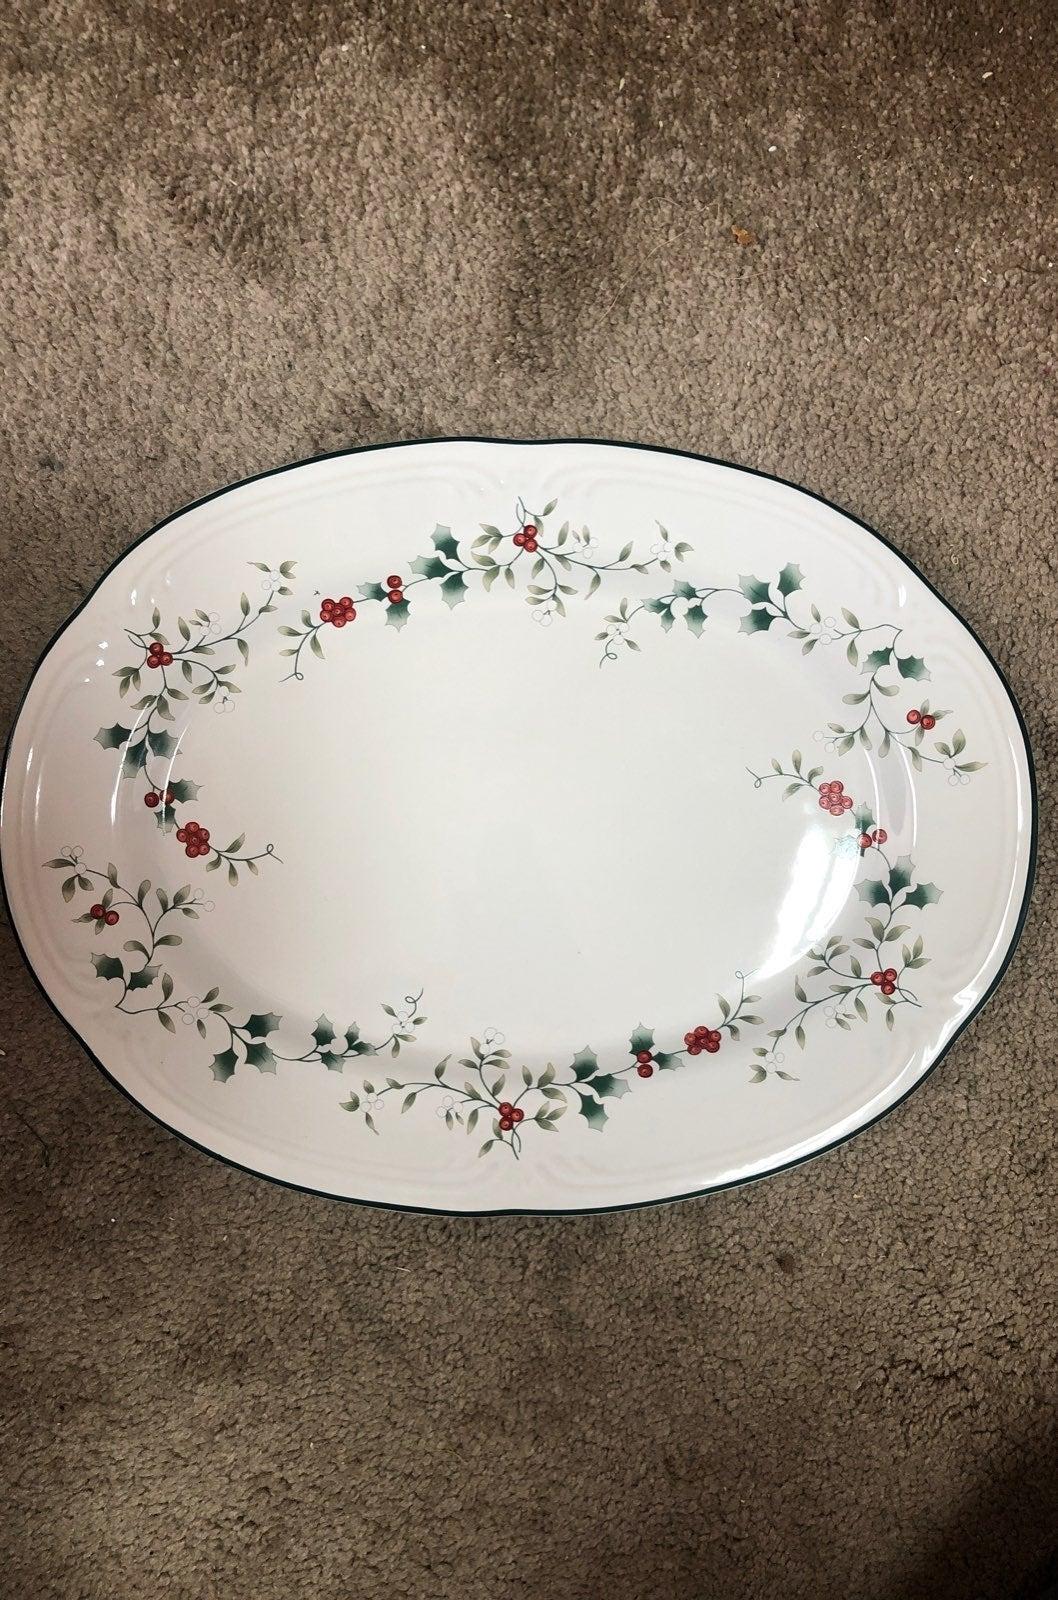 Pfaltgraff Holiday Serving Platter